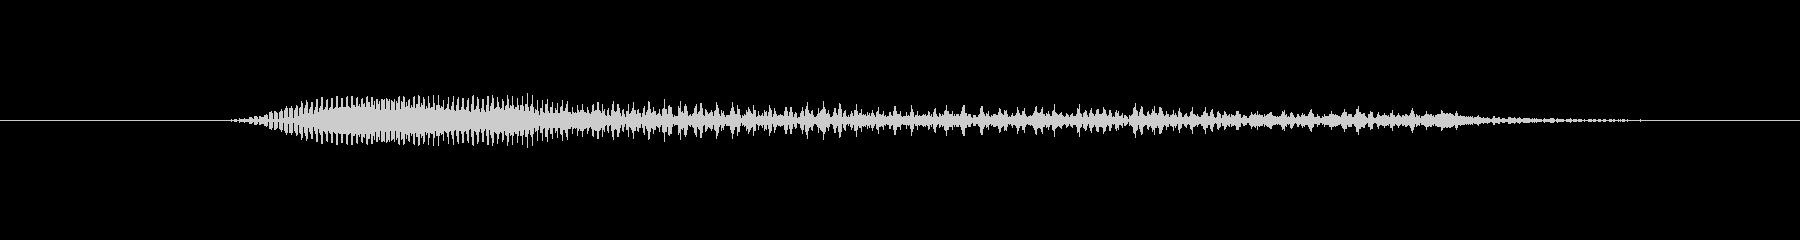 鳴き声 男性スクリーム痛みソフト02の未再生の波形